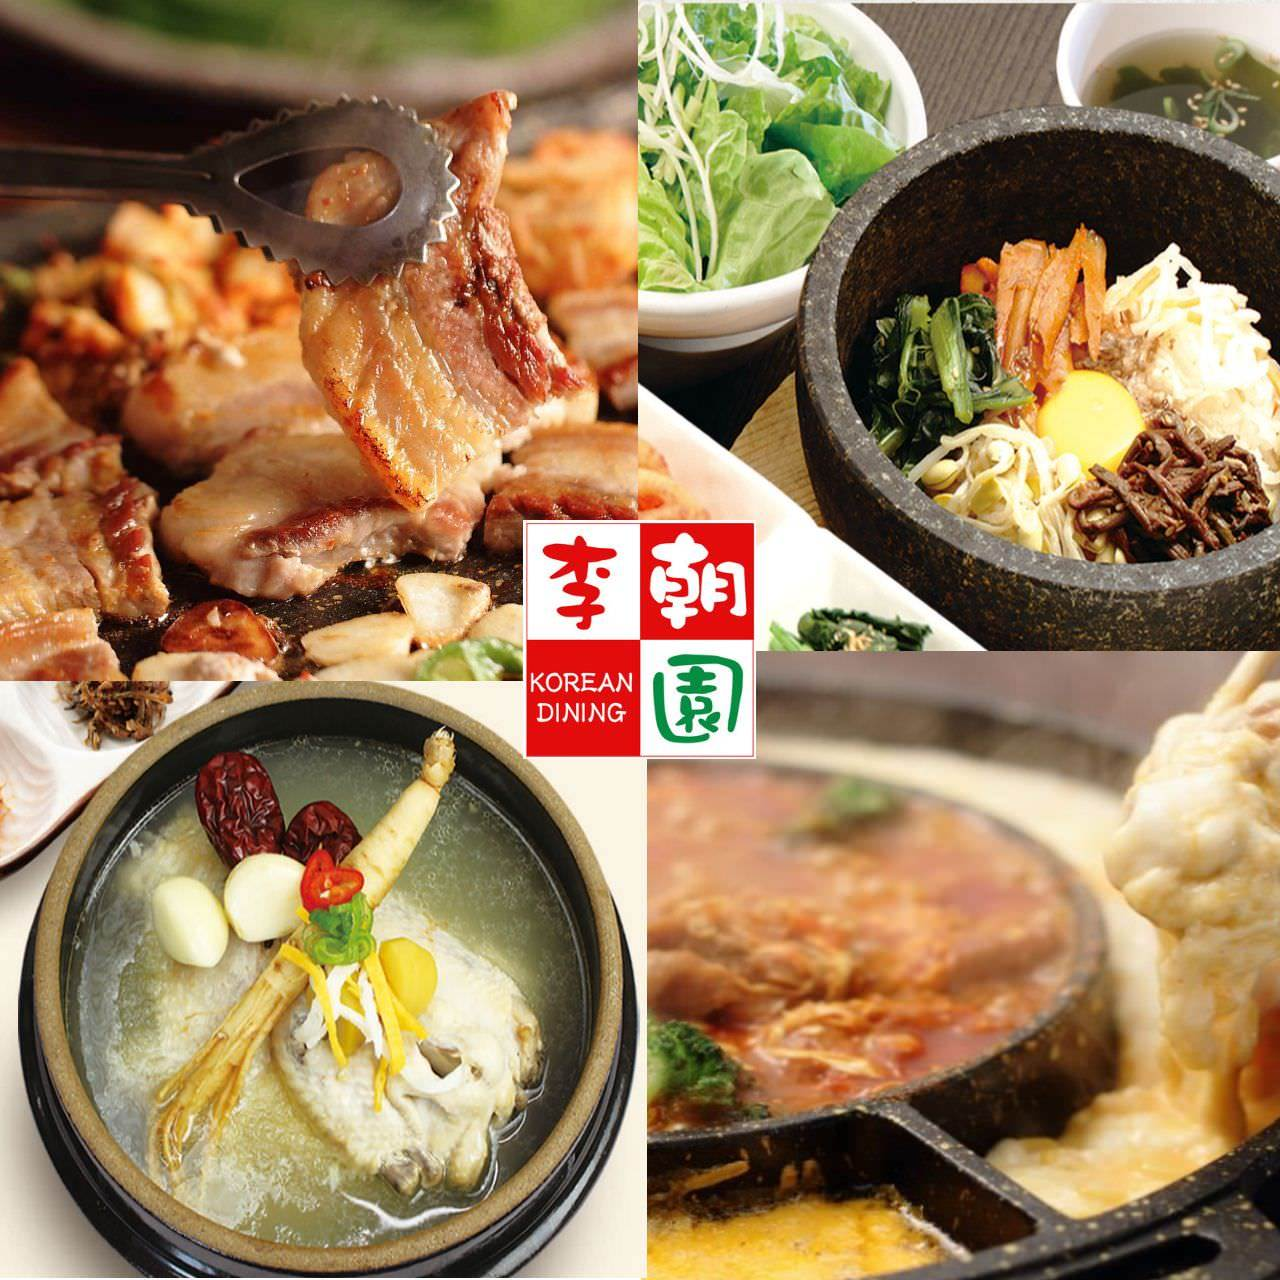 サムギョプサル 韓国料理 李朝園 尼崎店